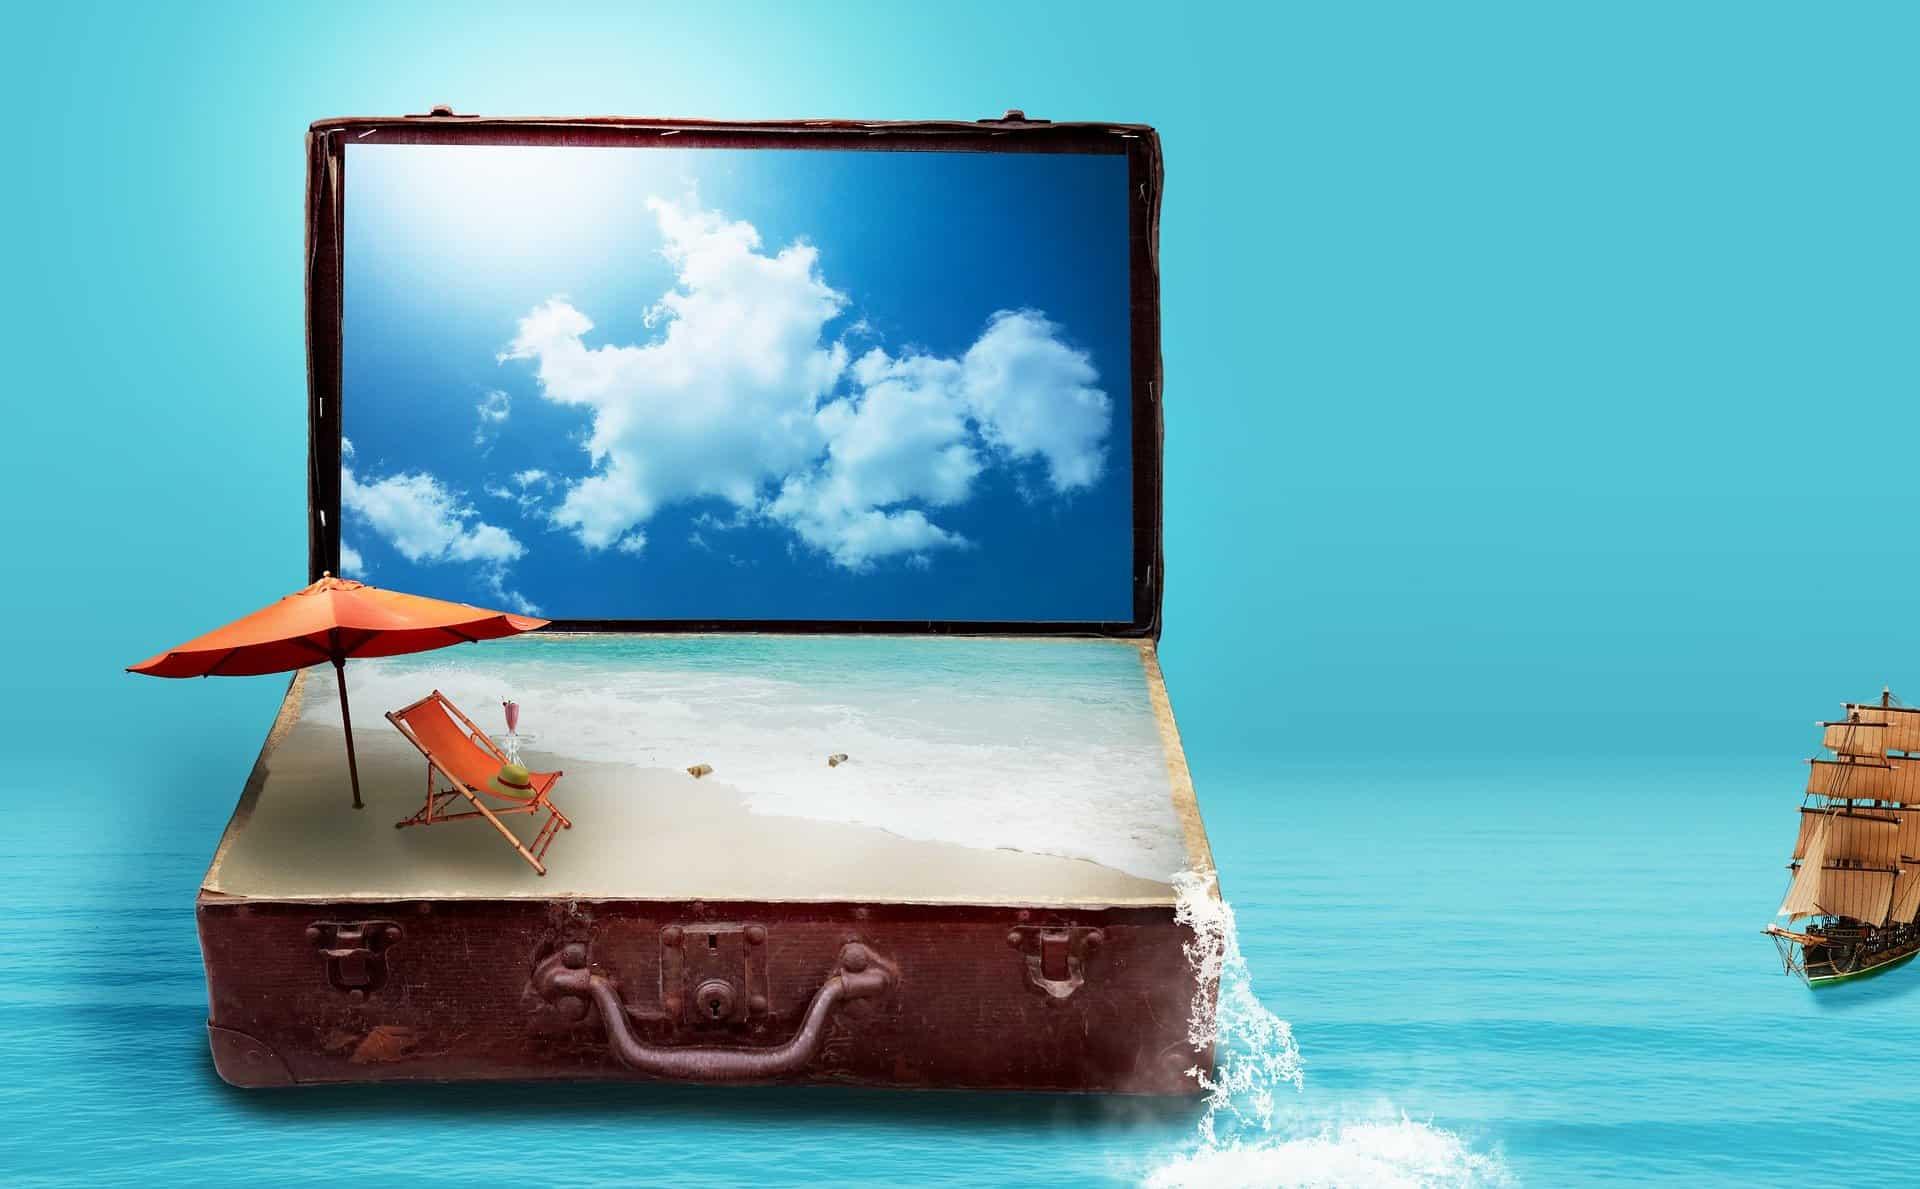 Pauschalreisen Gutscheincode - 200,00€ Rabatt - Pauschalreise Holidaycheck